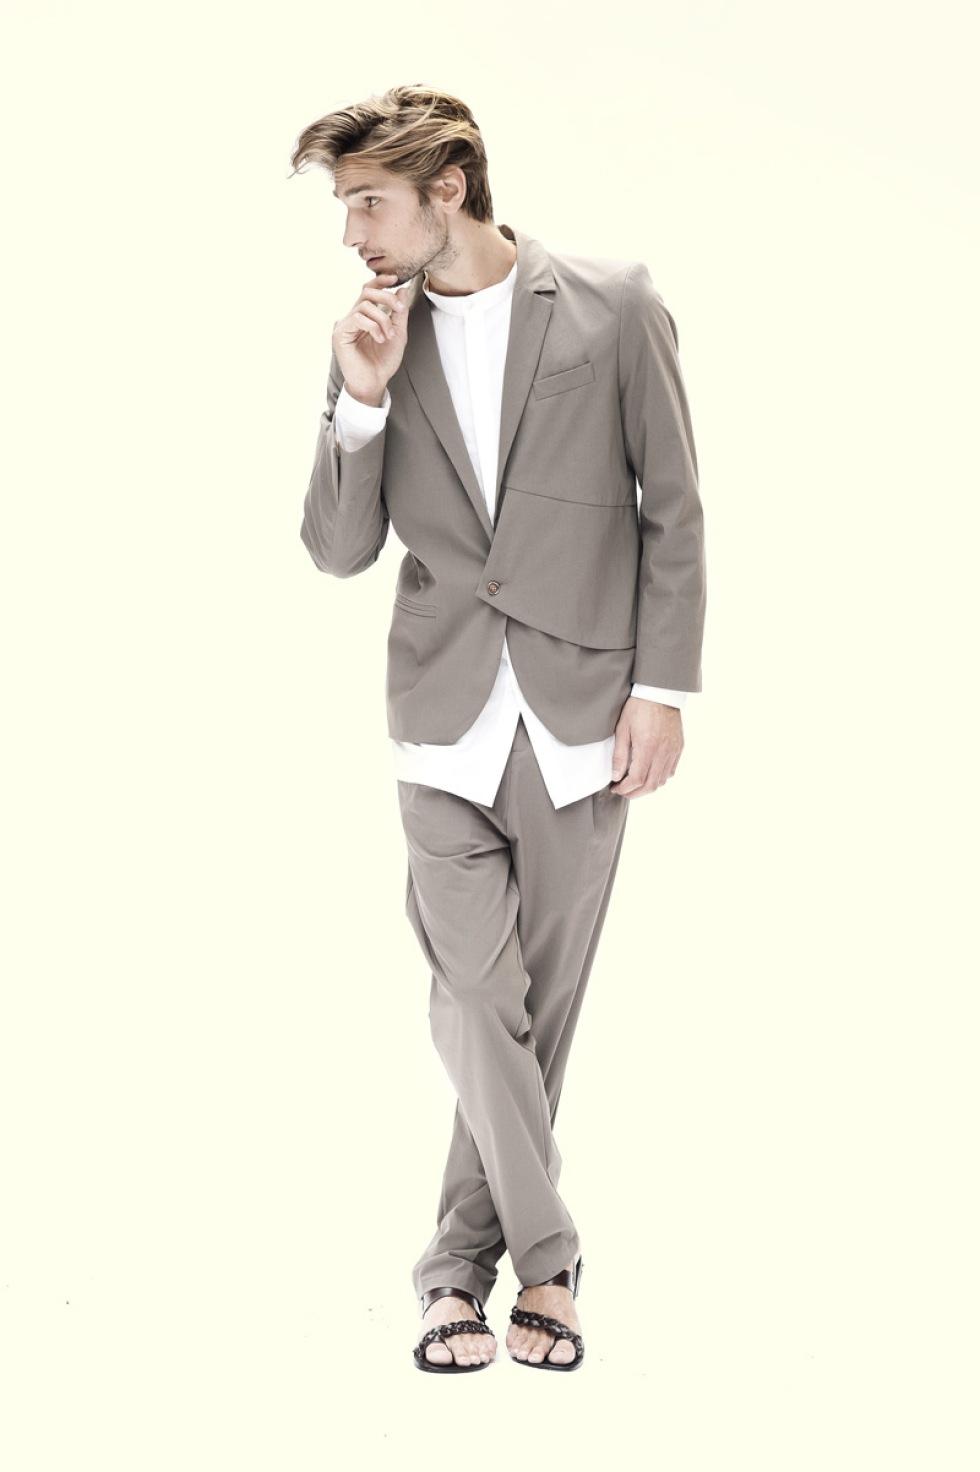 155552 980 - Lagom 2011 Erkek Giyim Kolleksiyonu